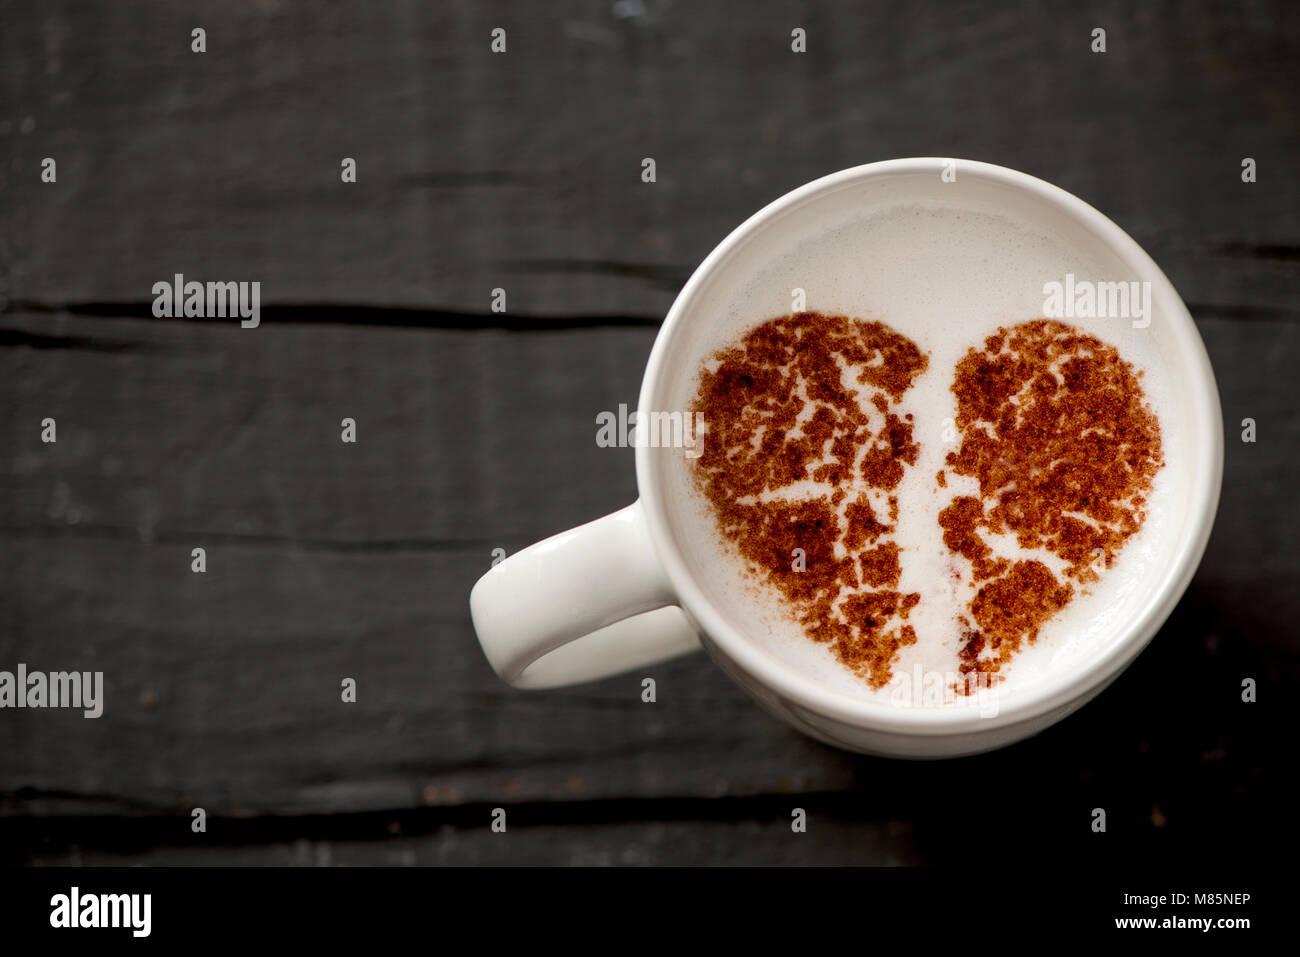 Alta angolazione di una ceramica bianca tazza di cappuccino con un cuore spezzato disegnato con il cacao in polvere Immagini Stock